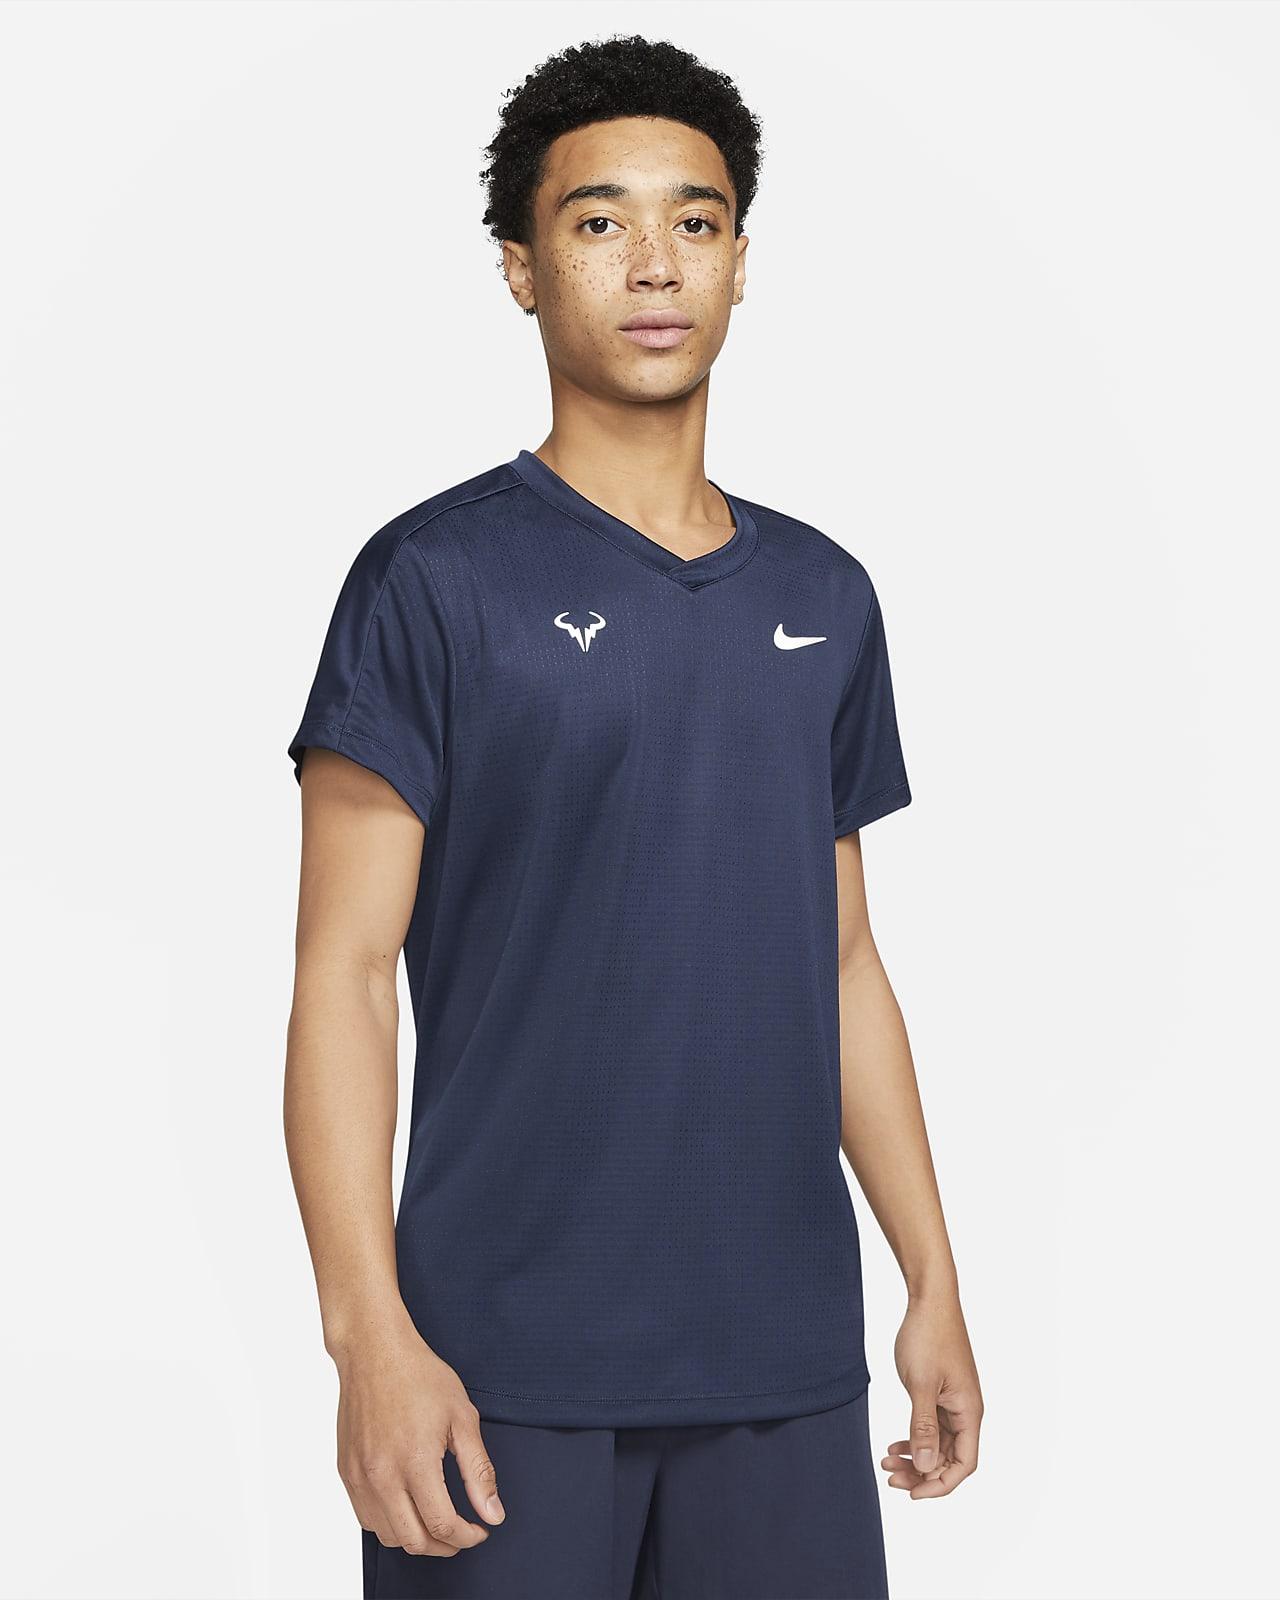 Camisola de ténis de manga curta Rafa Challenger para homem